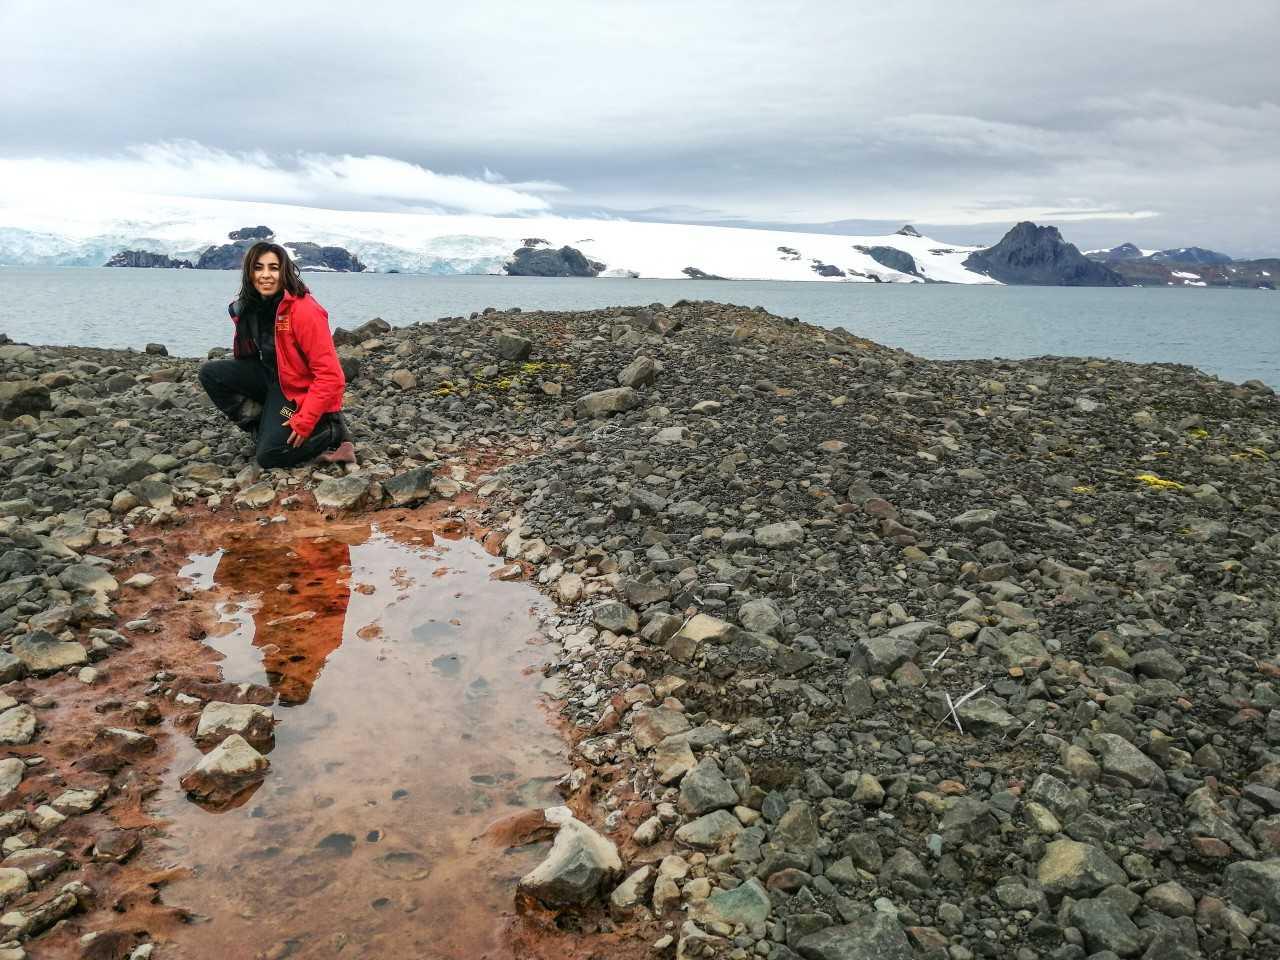 Instituto Antártico Chileno | Chilean Antarctic Institute